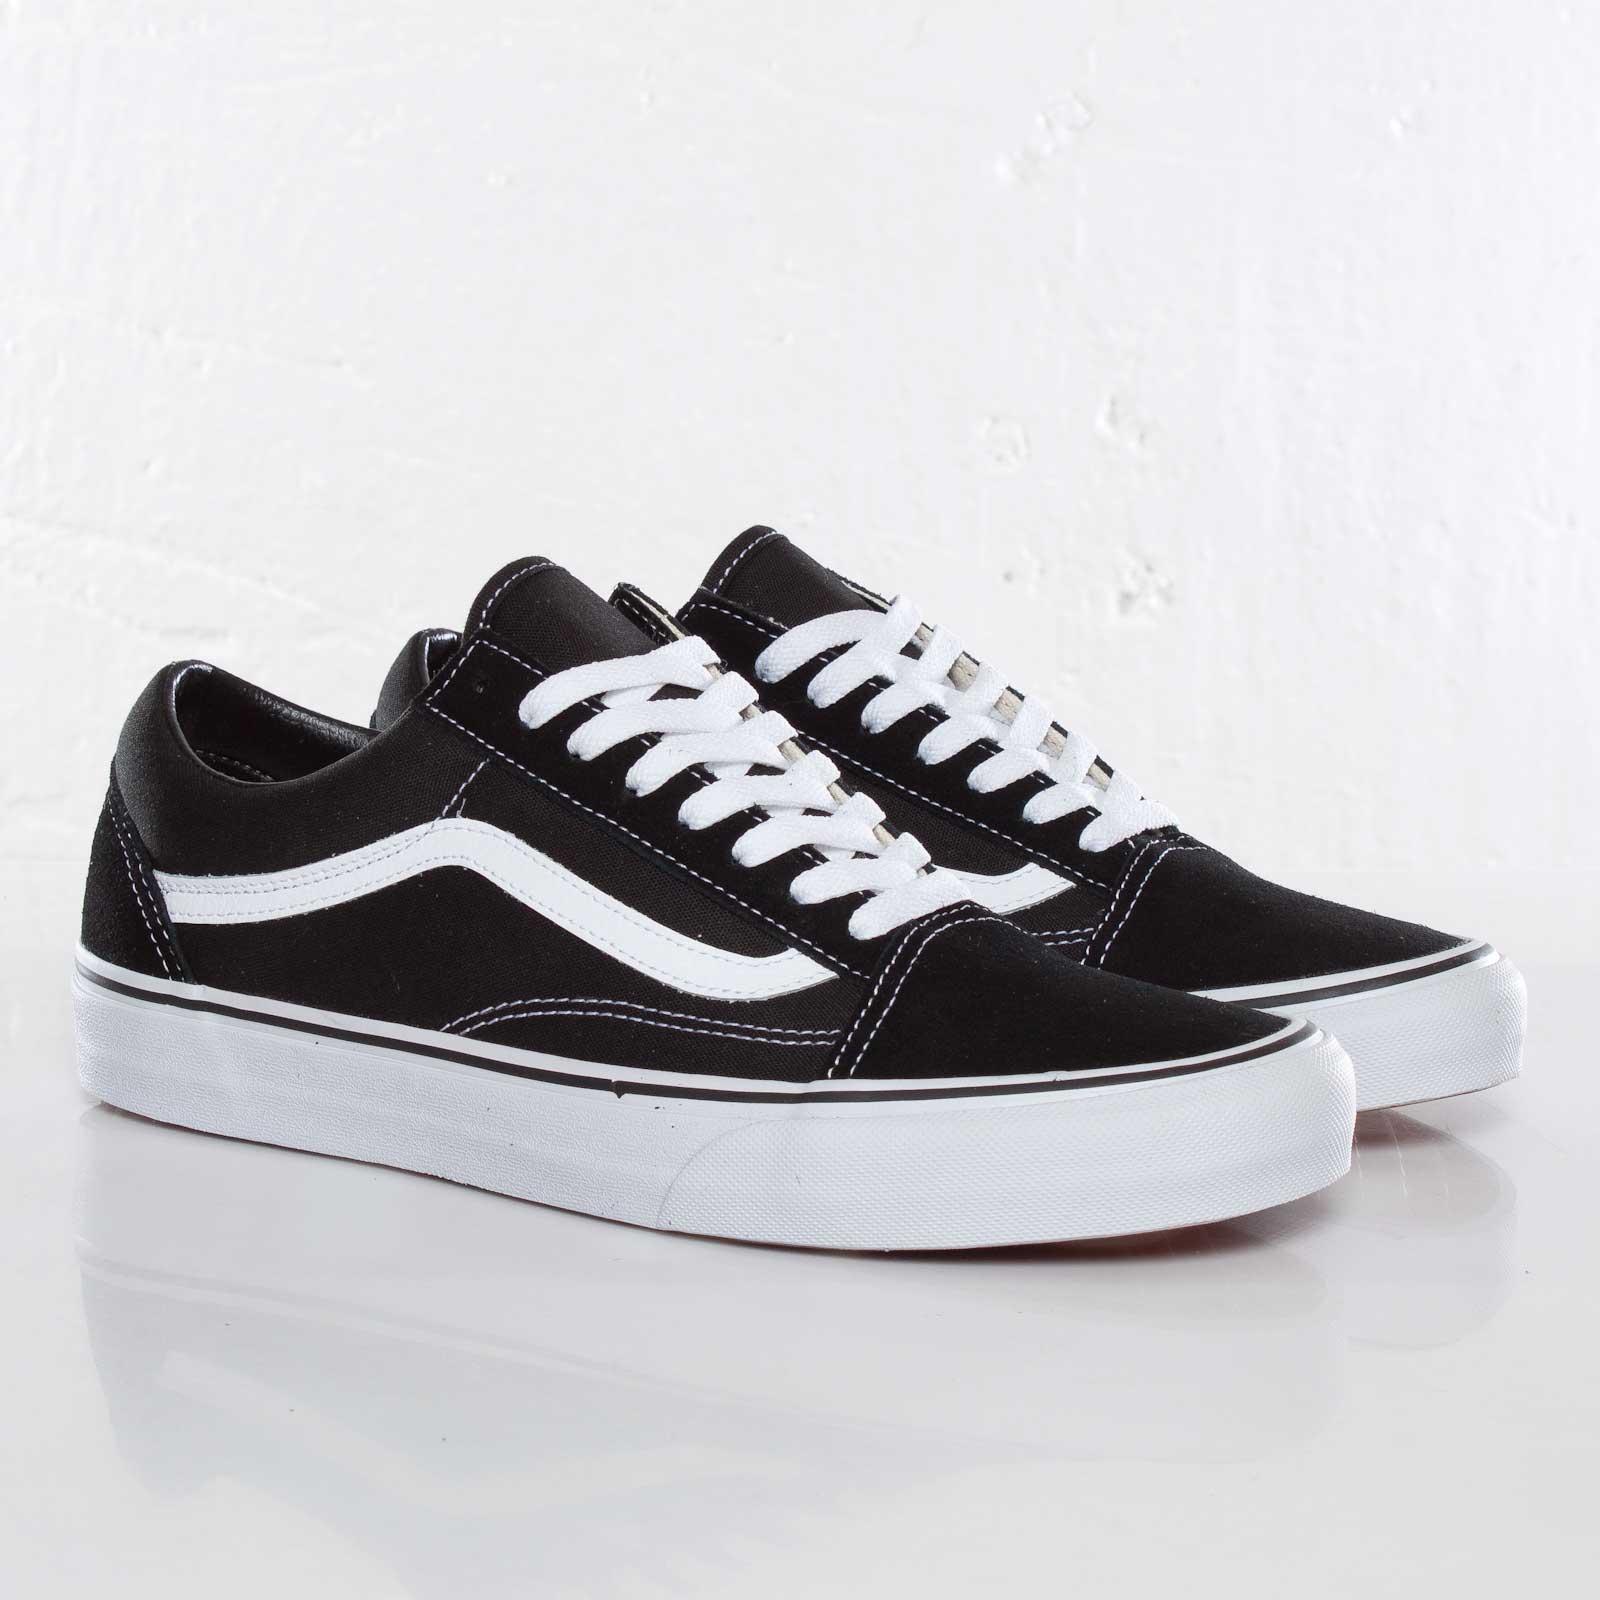 Vans Old Skool 82003 Sneakersnstuff joggesko  sneakers